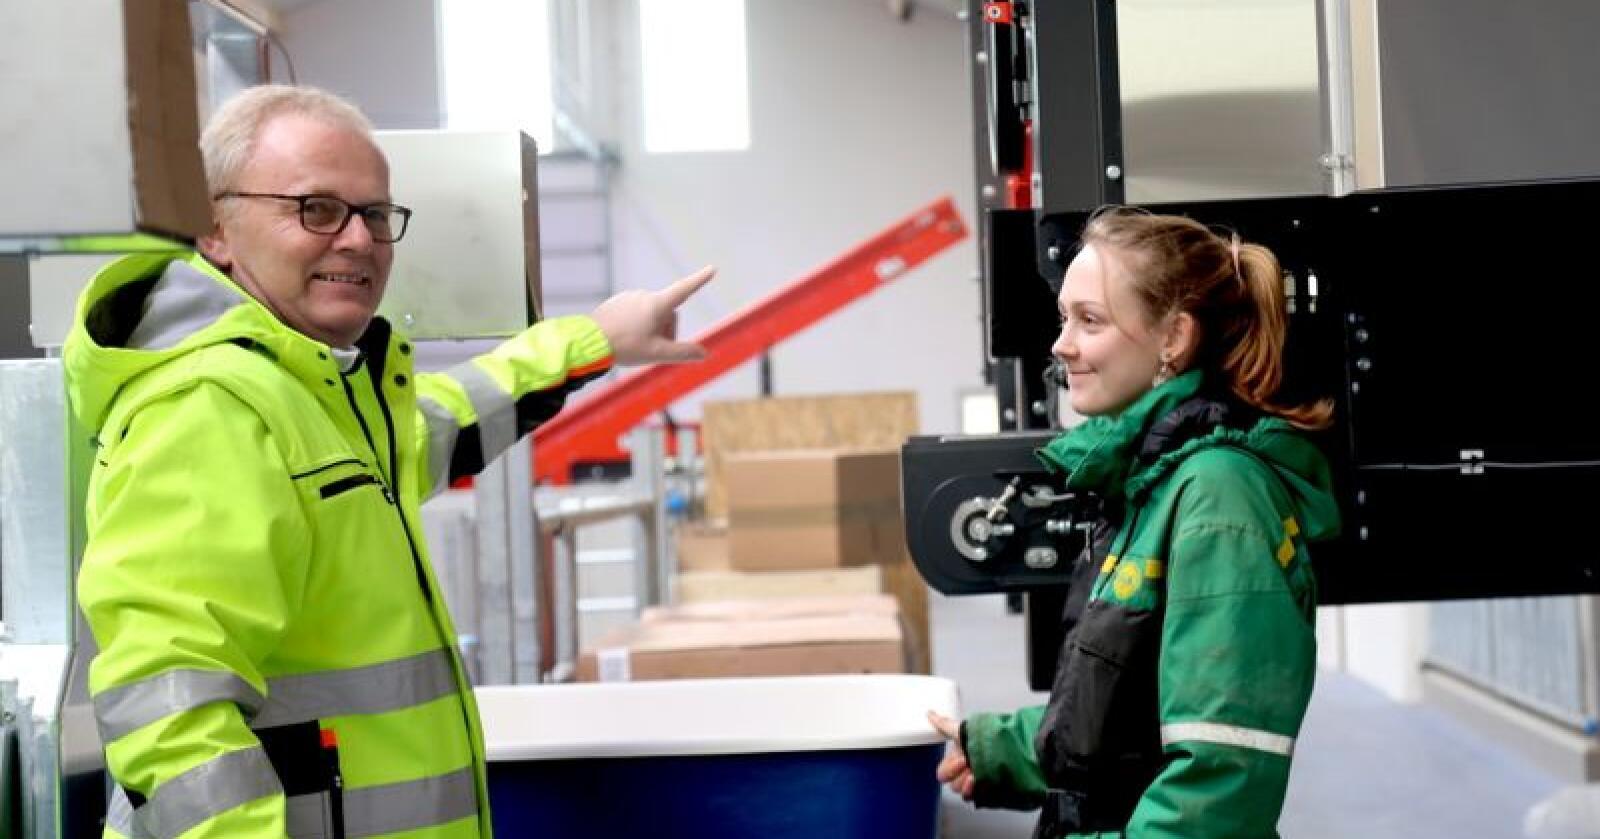 Snart klart: Fjøsmester Katrine Asheim og Jan Maldal i Felleskjøpet Rogaland Agder ser fram til å få på plass dyra. Dette skjer etter åpningsdagen 28. mars.